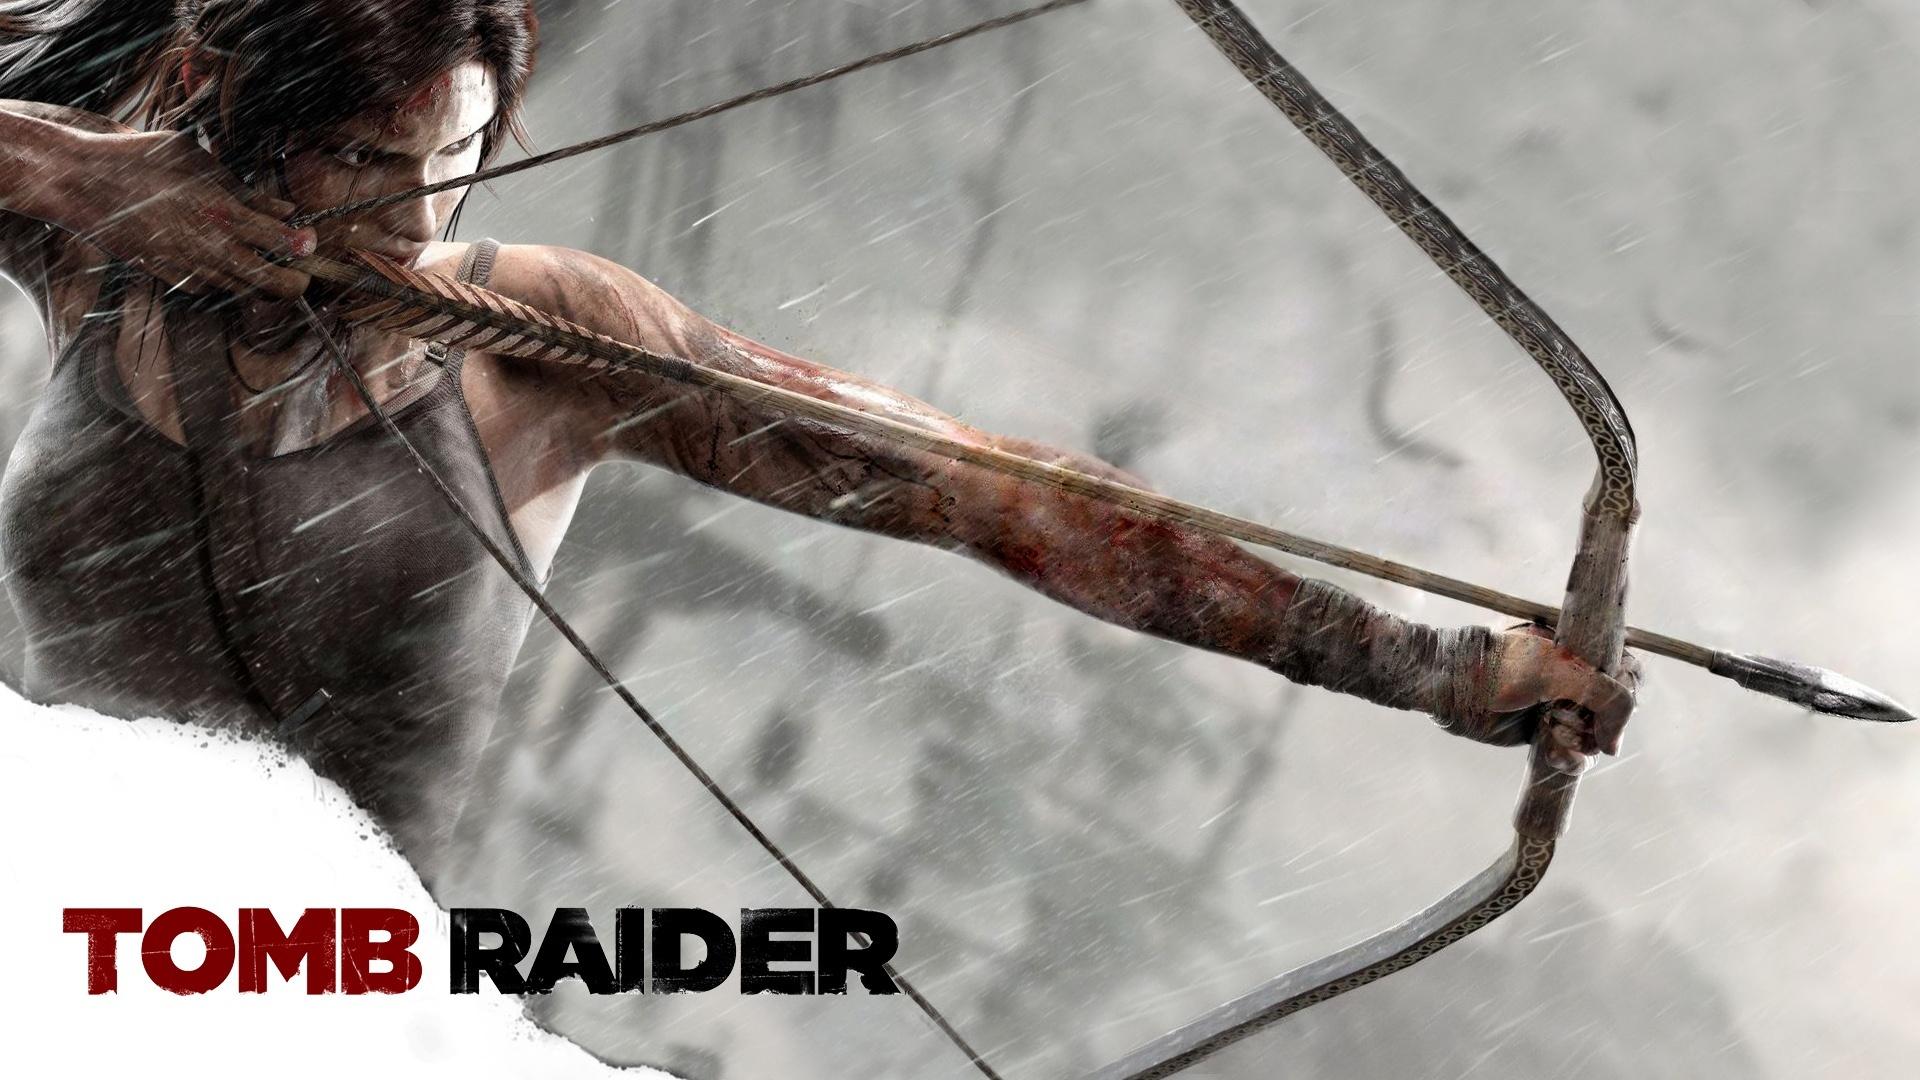 Lara Croft Tomb Raider 2013 Wallpapers   1920x1080   574702 1920x1080